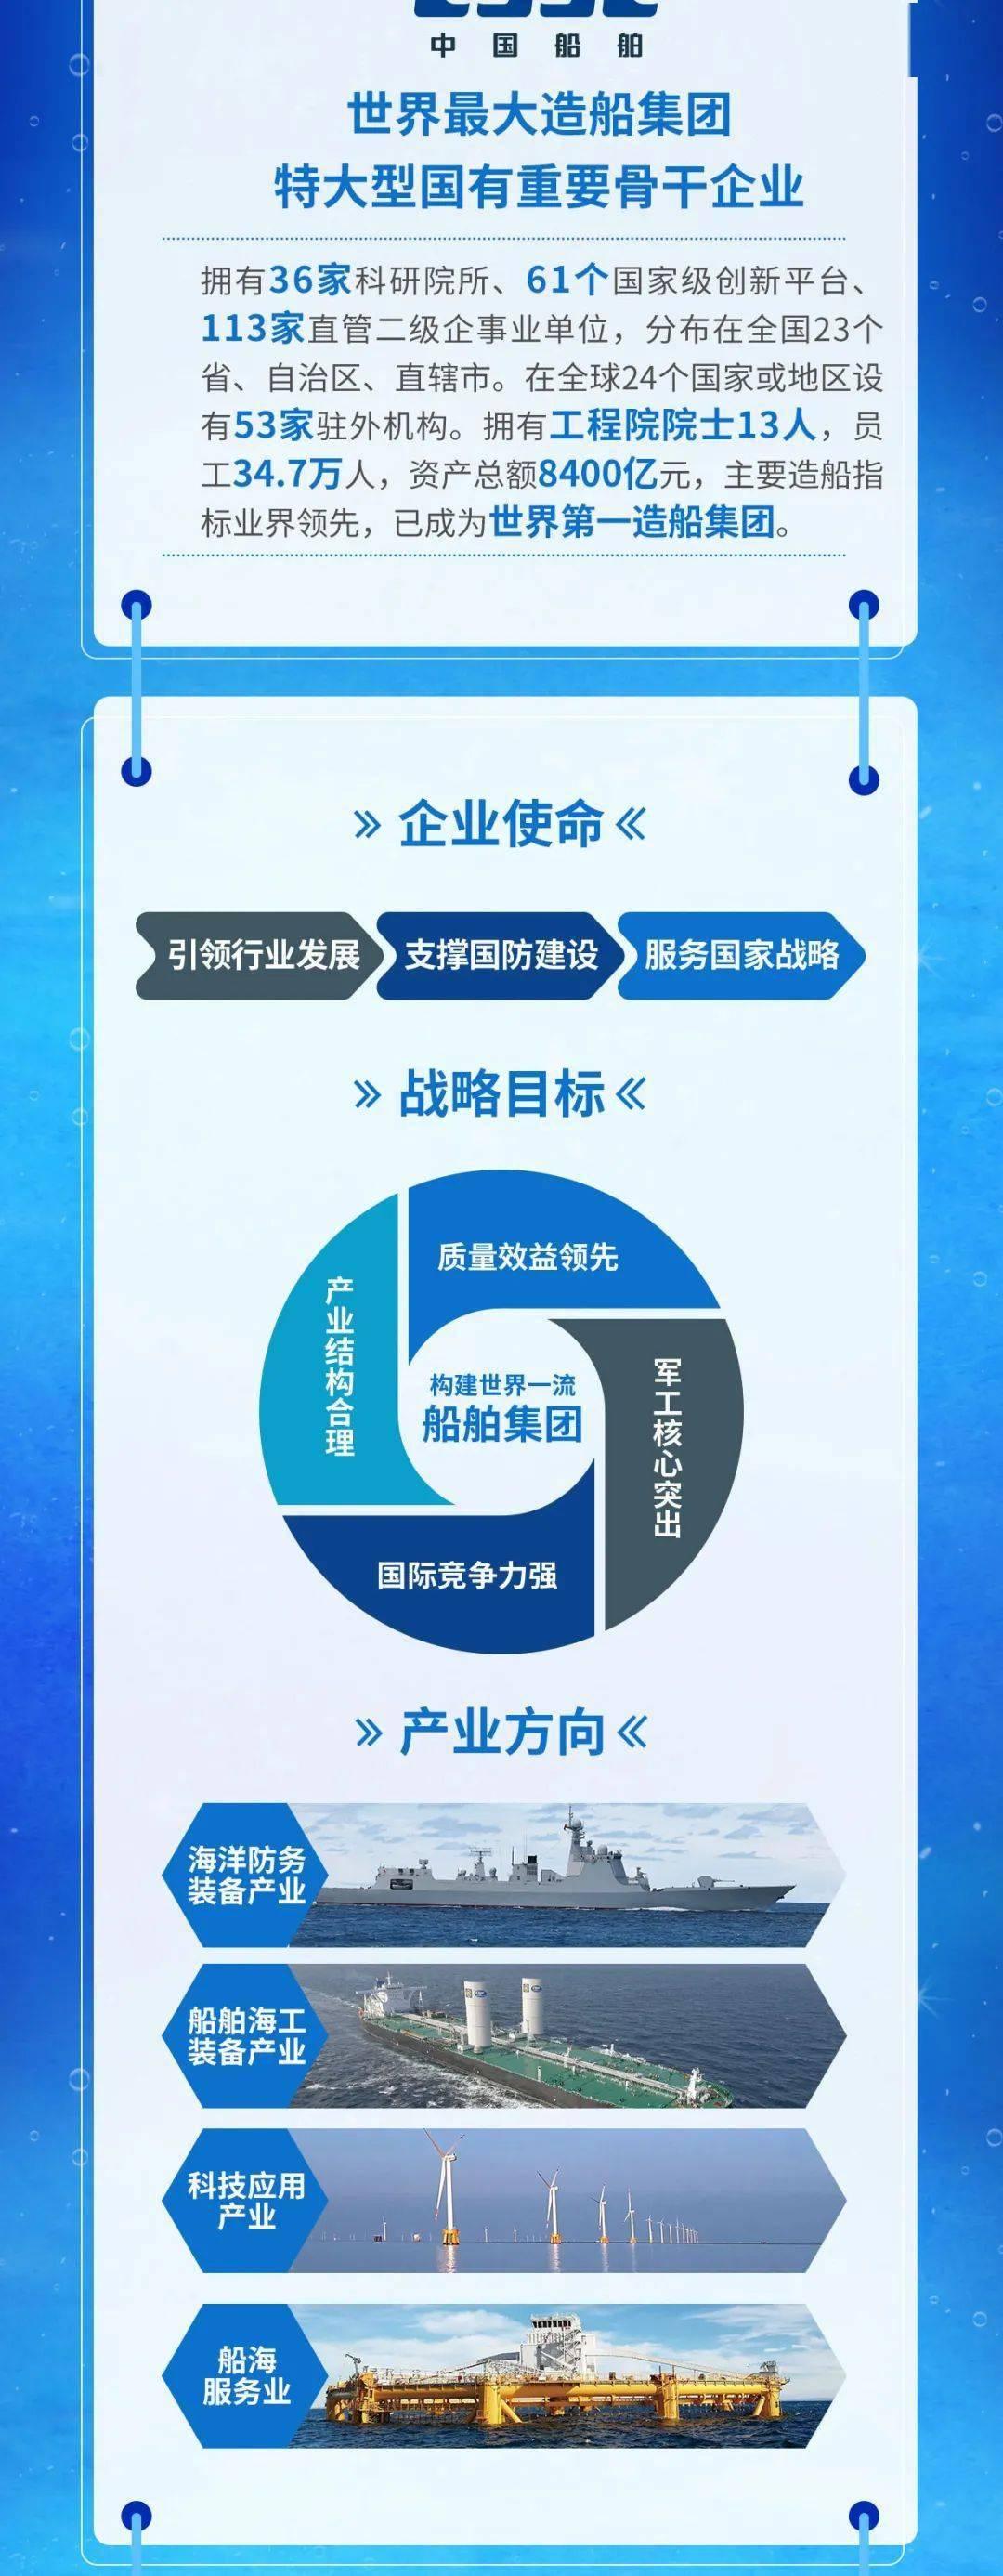 世界上第一家造船集团!中国船舶团体有限公司20